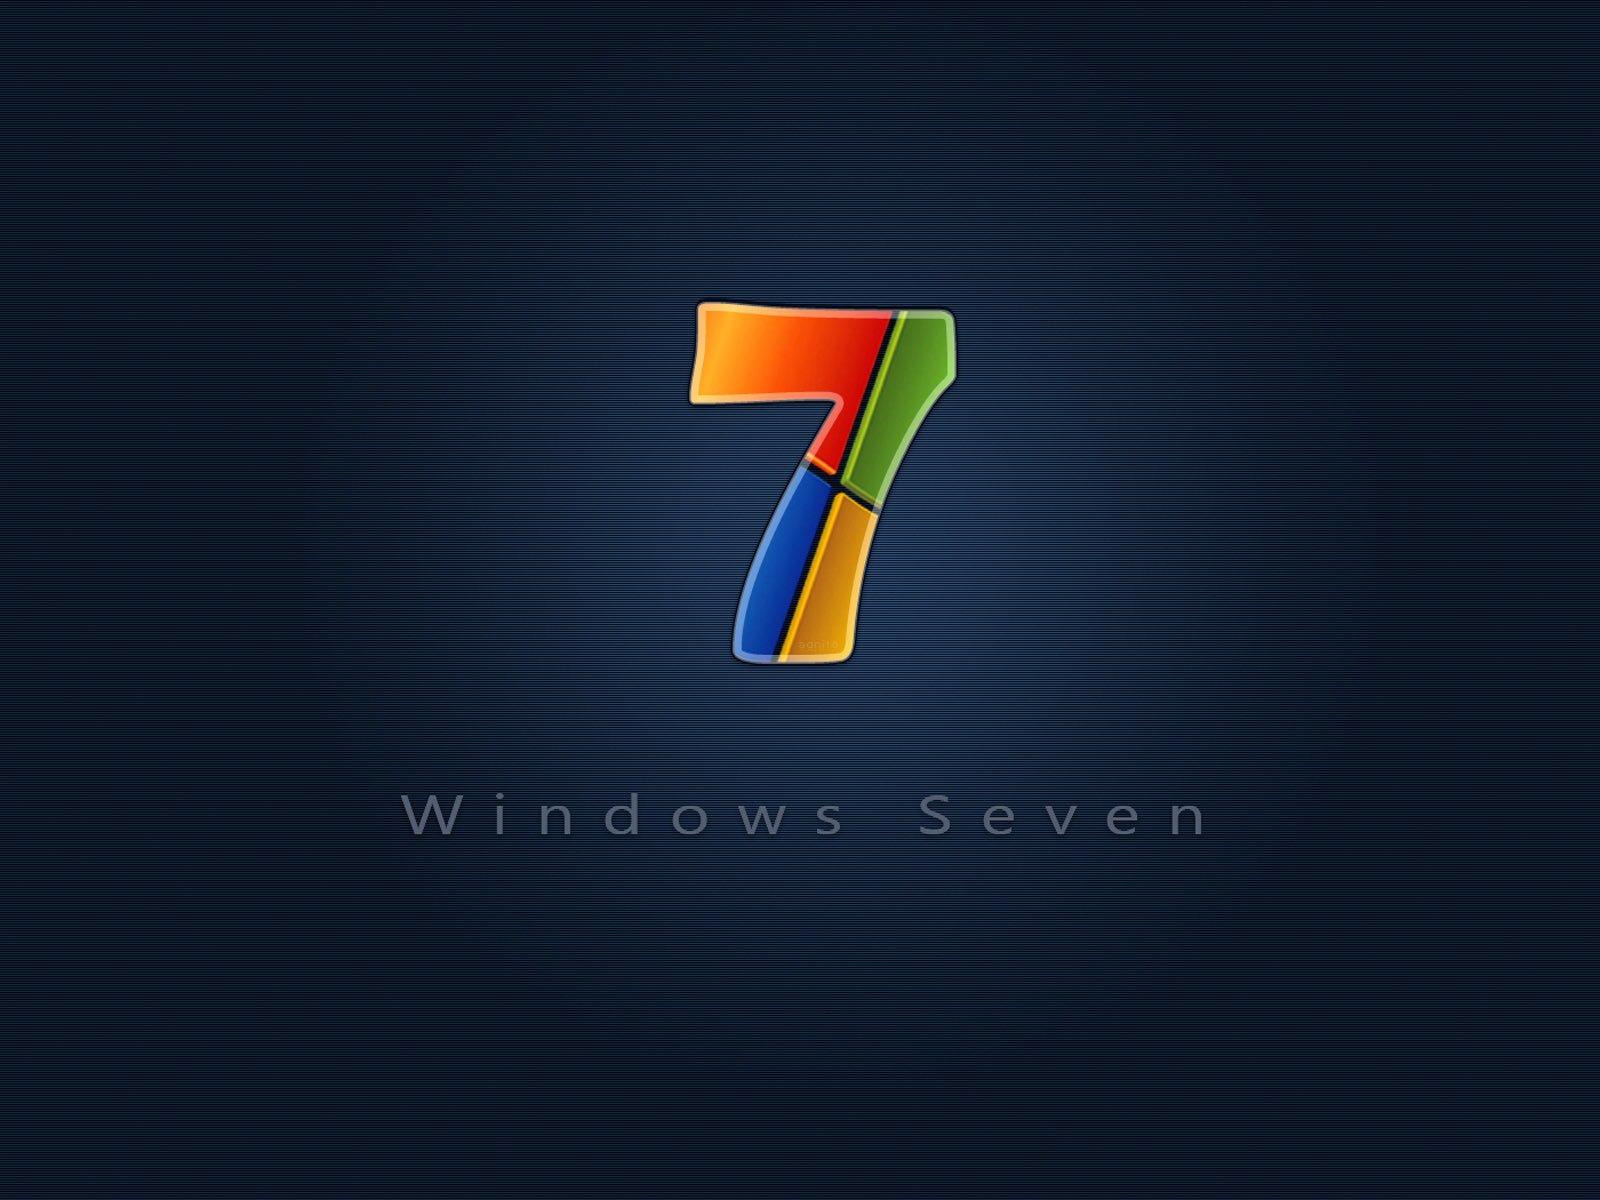 تحميل برنامج الرسام ويندوز 7